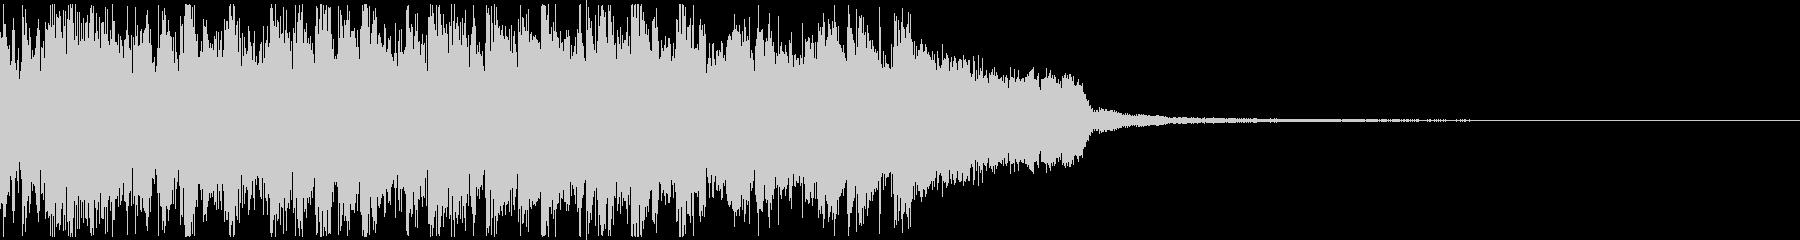 フルートの旋律が印象的な爽やかボサノバの未再生の波形